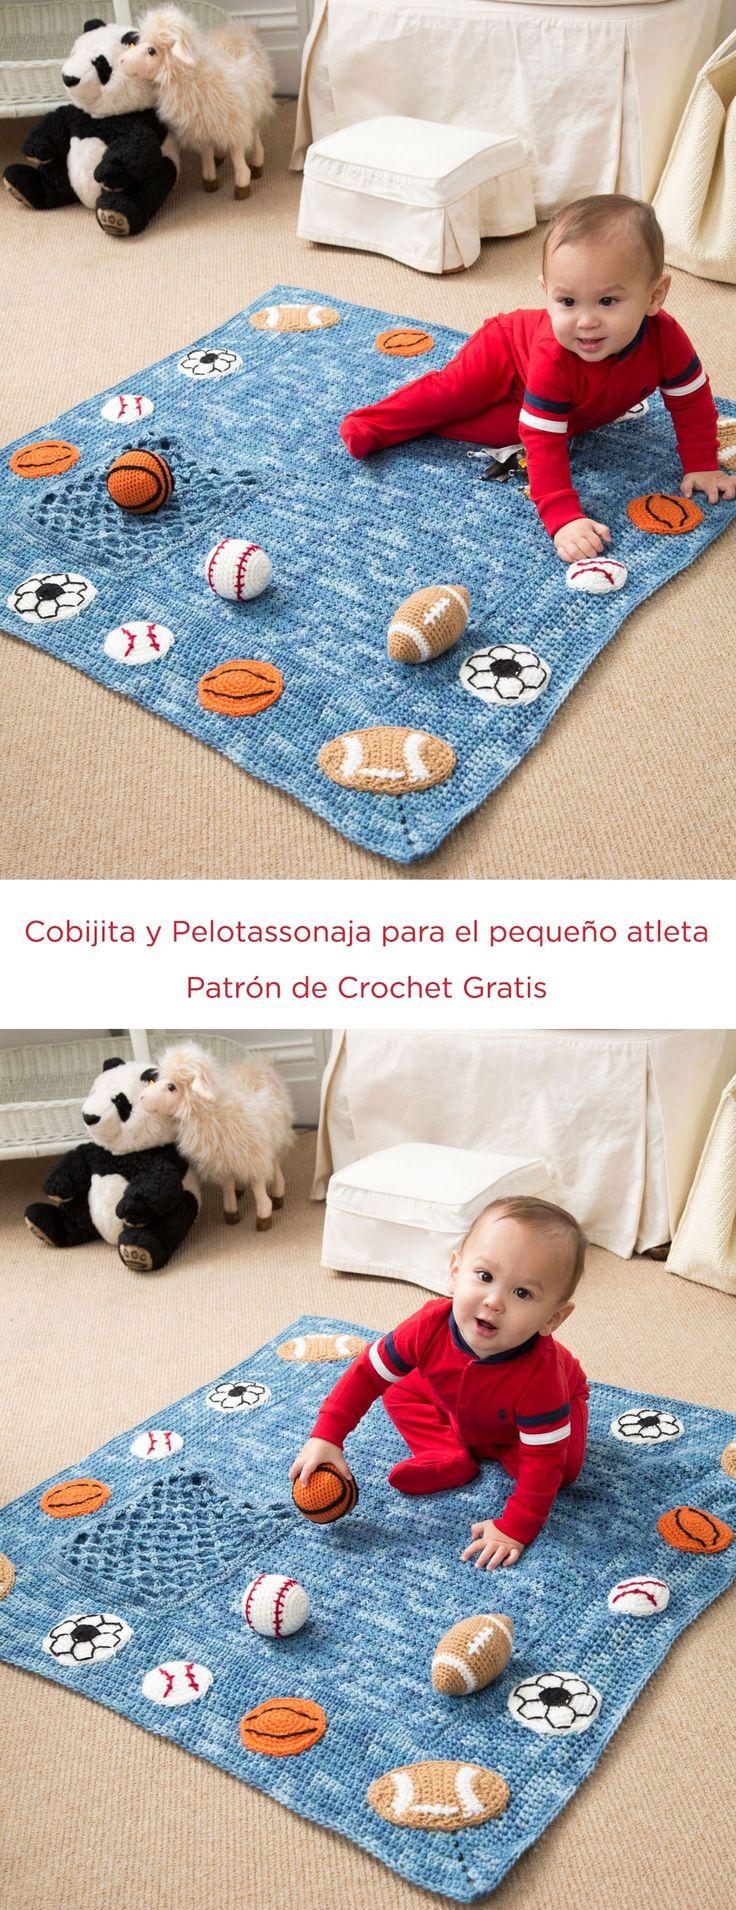 Cobijita y Pelotassonaja para el pequeño atleta Instrucción a Gancho